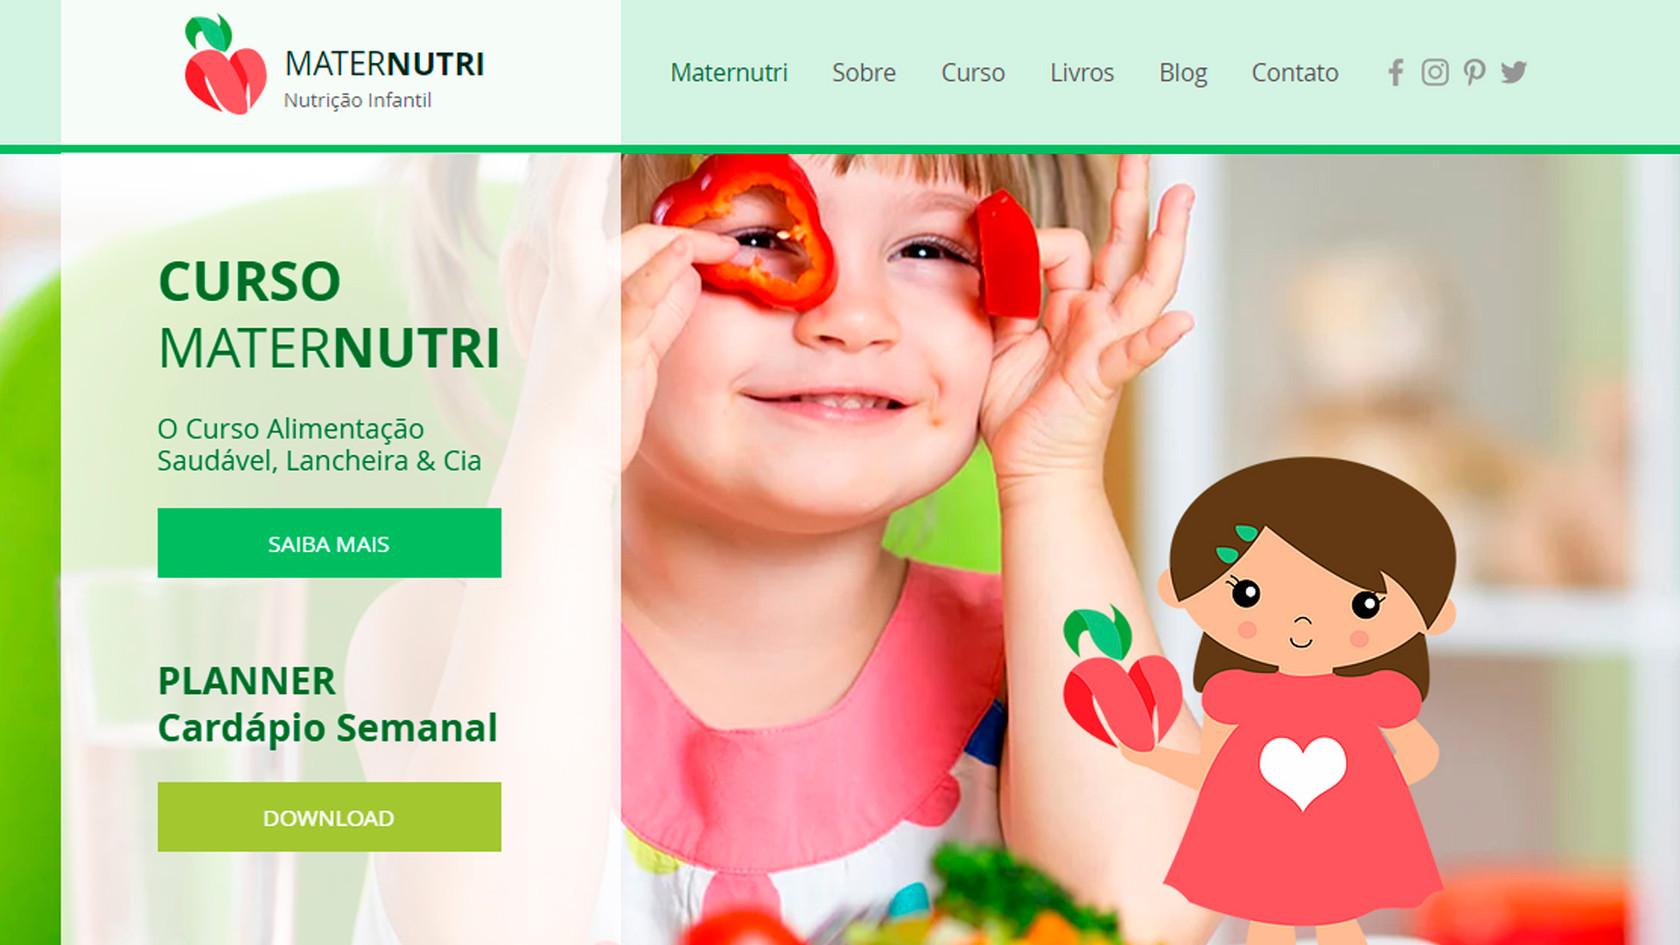 maternutri.jpg